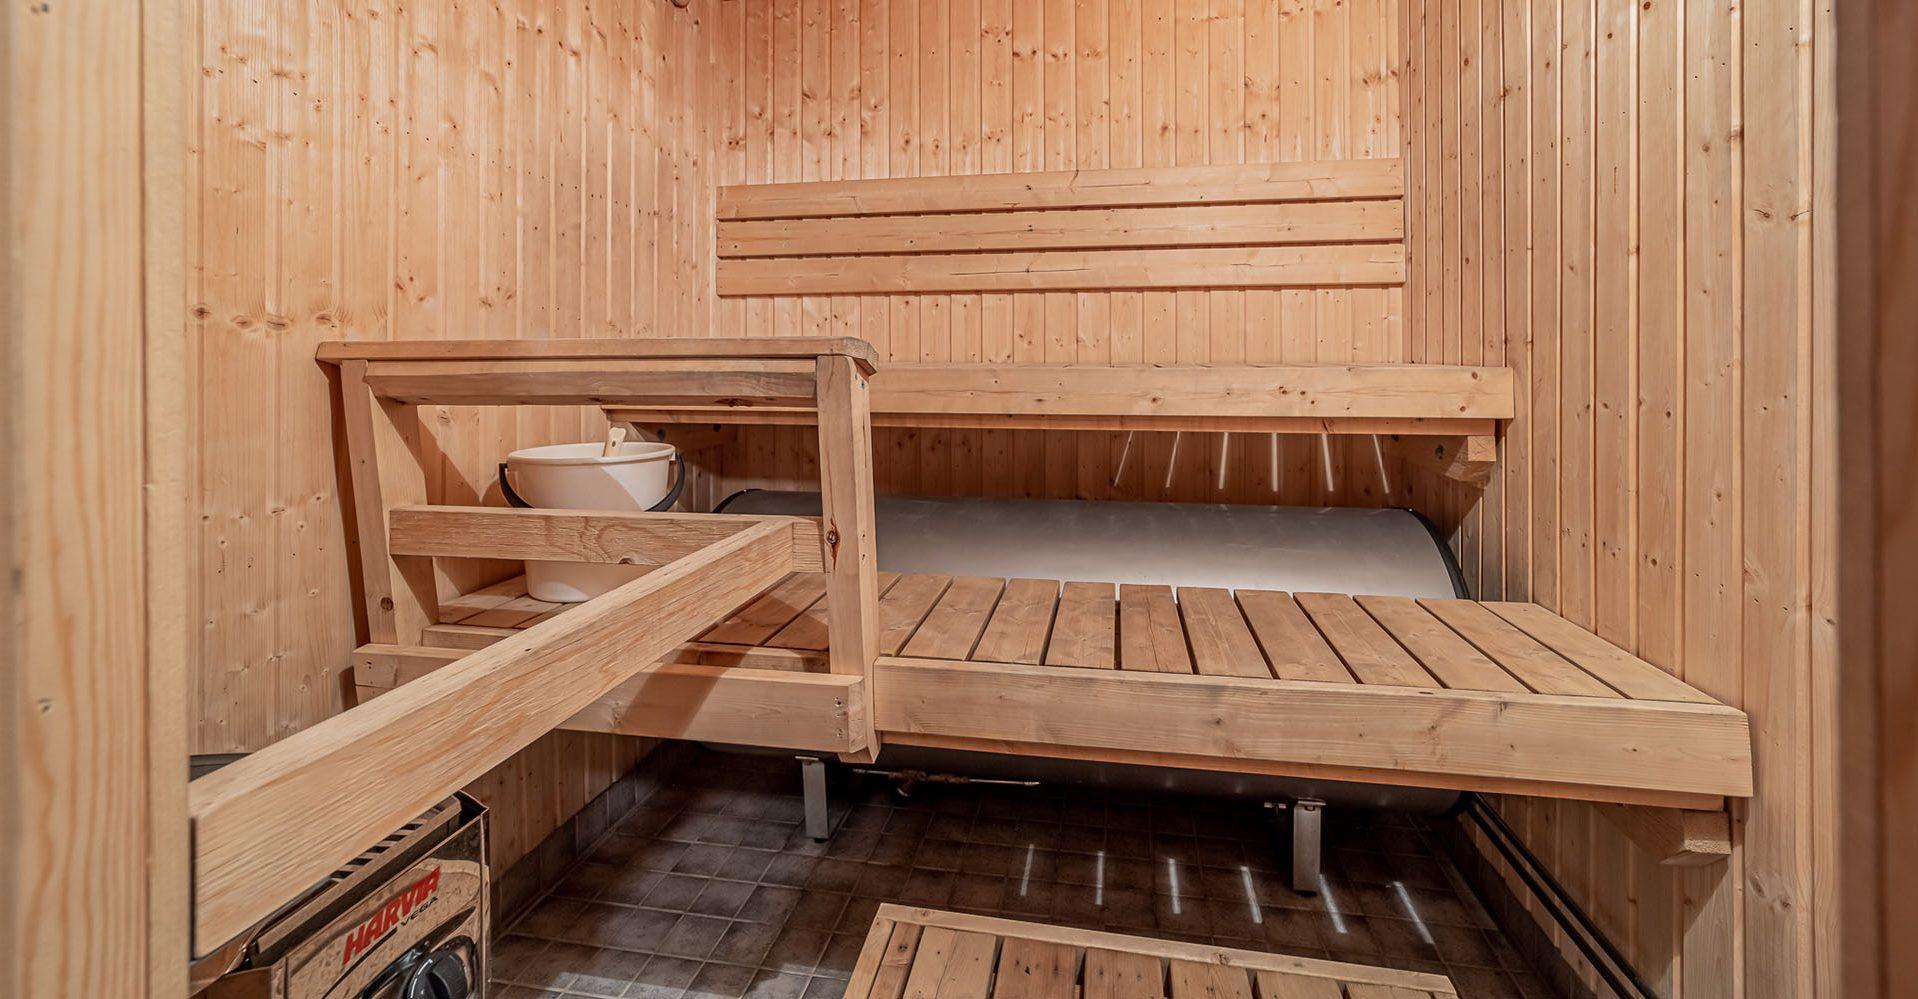 Saunatilat • Pori   Hyvelän Majassa kaksi eri saunaa onnistuneisiin saunailtoihin